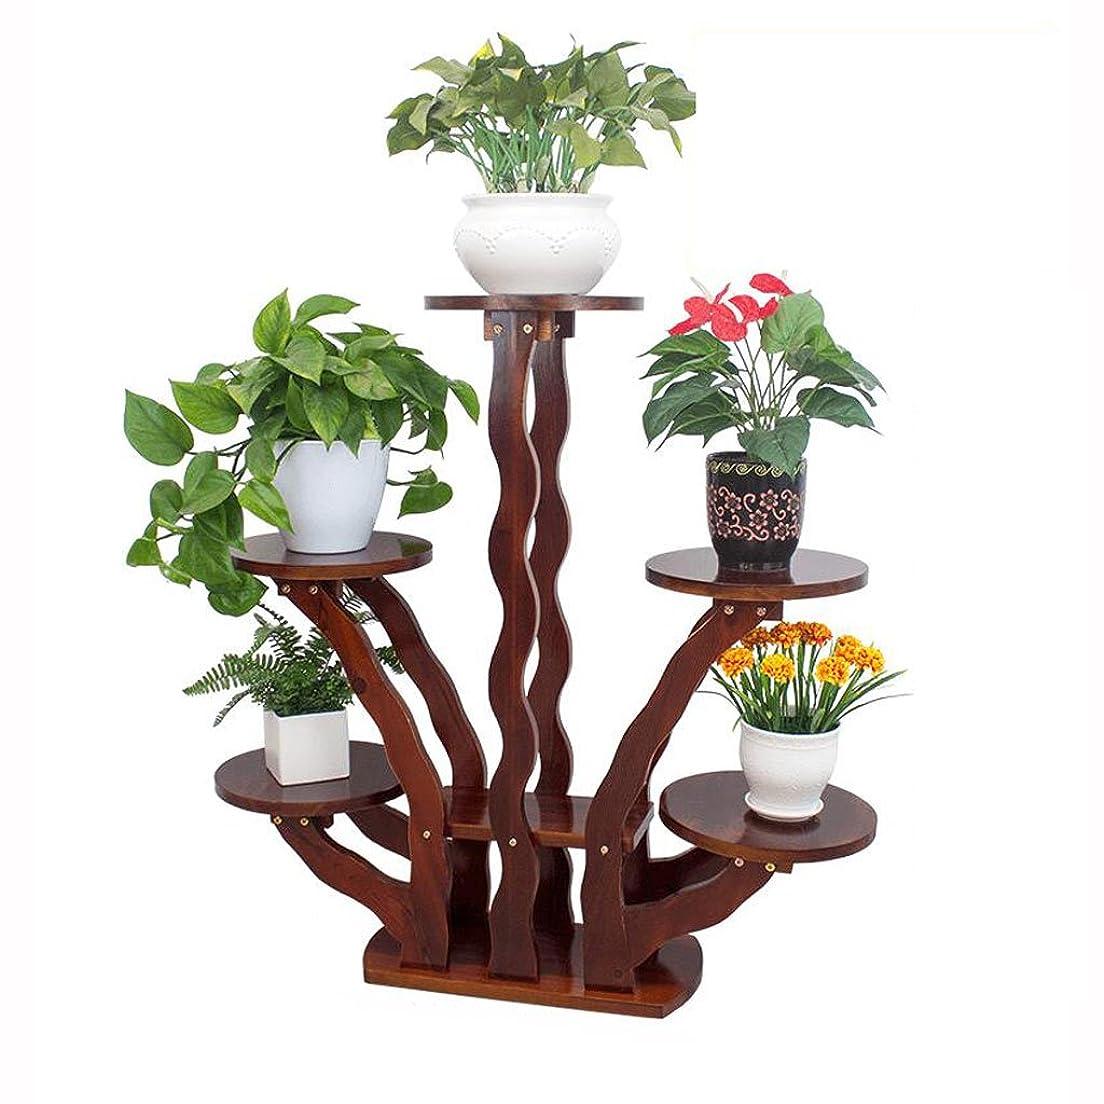 共感する残基備品WGZ- 木製のフラワースタンド植物スタンド屋内のバルコニーフラワースタンド多層フロアシェルフ3次元フラワースタンド シンプル (Style : A)